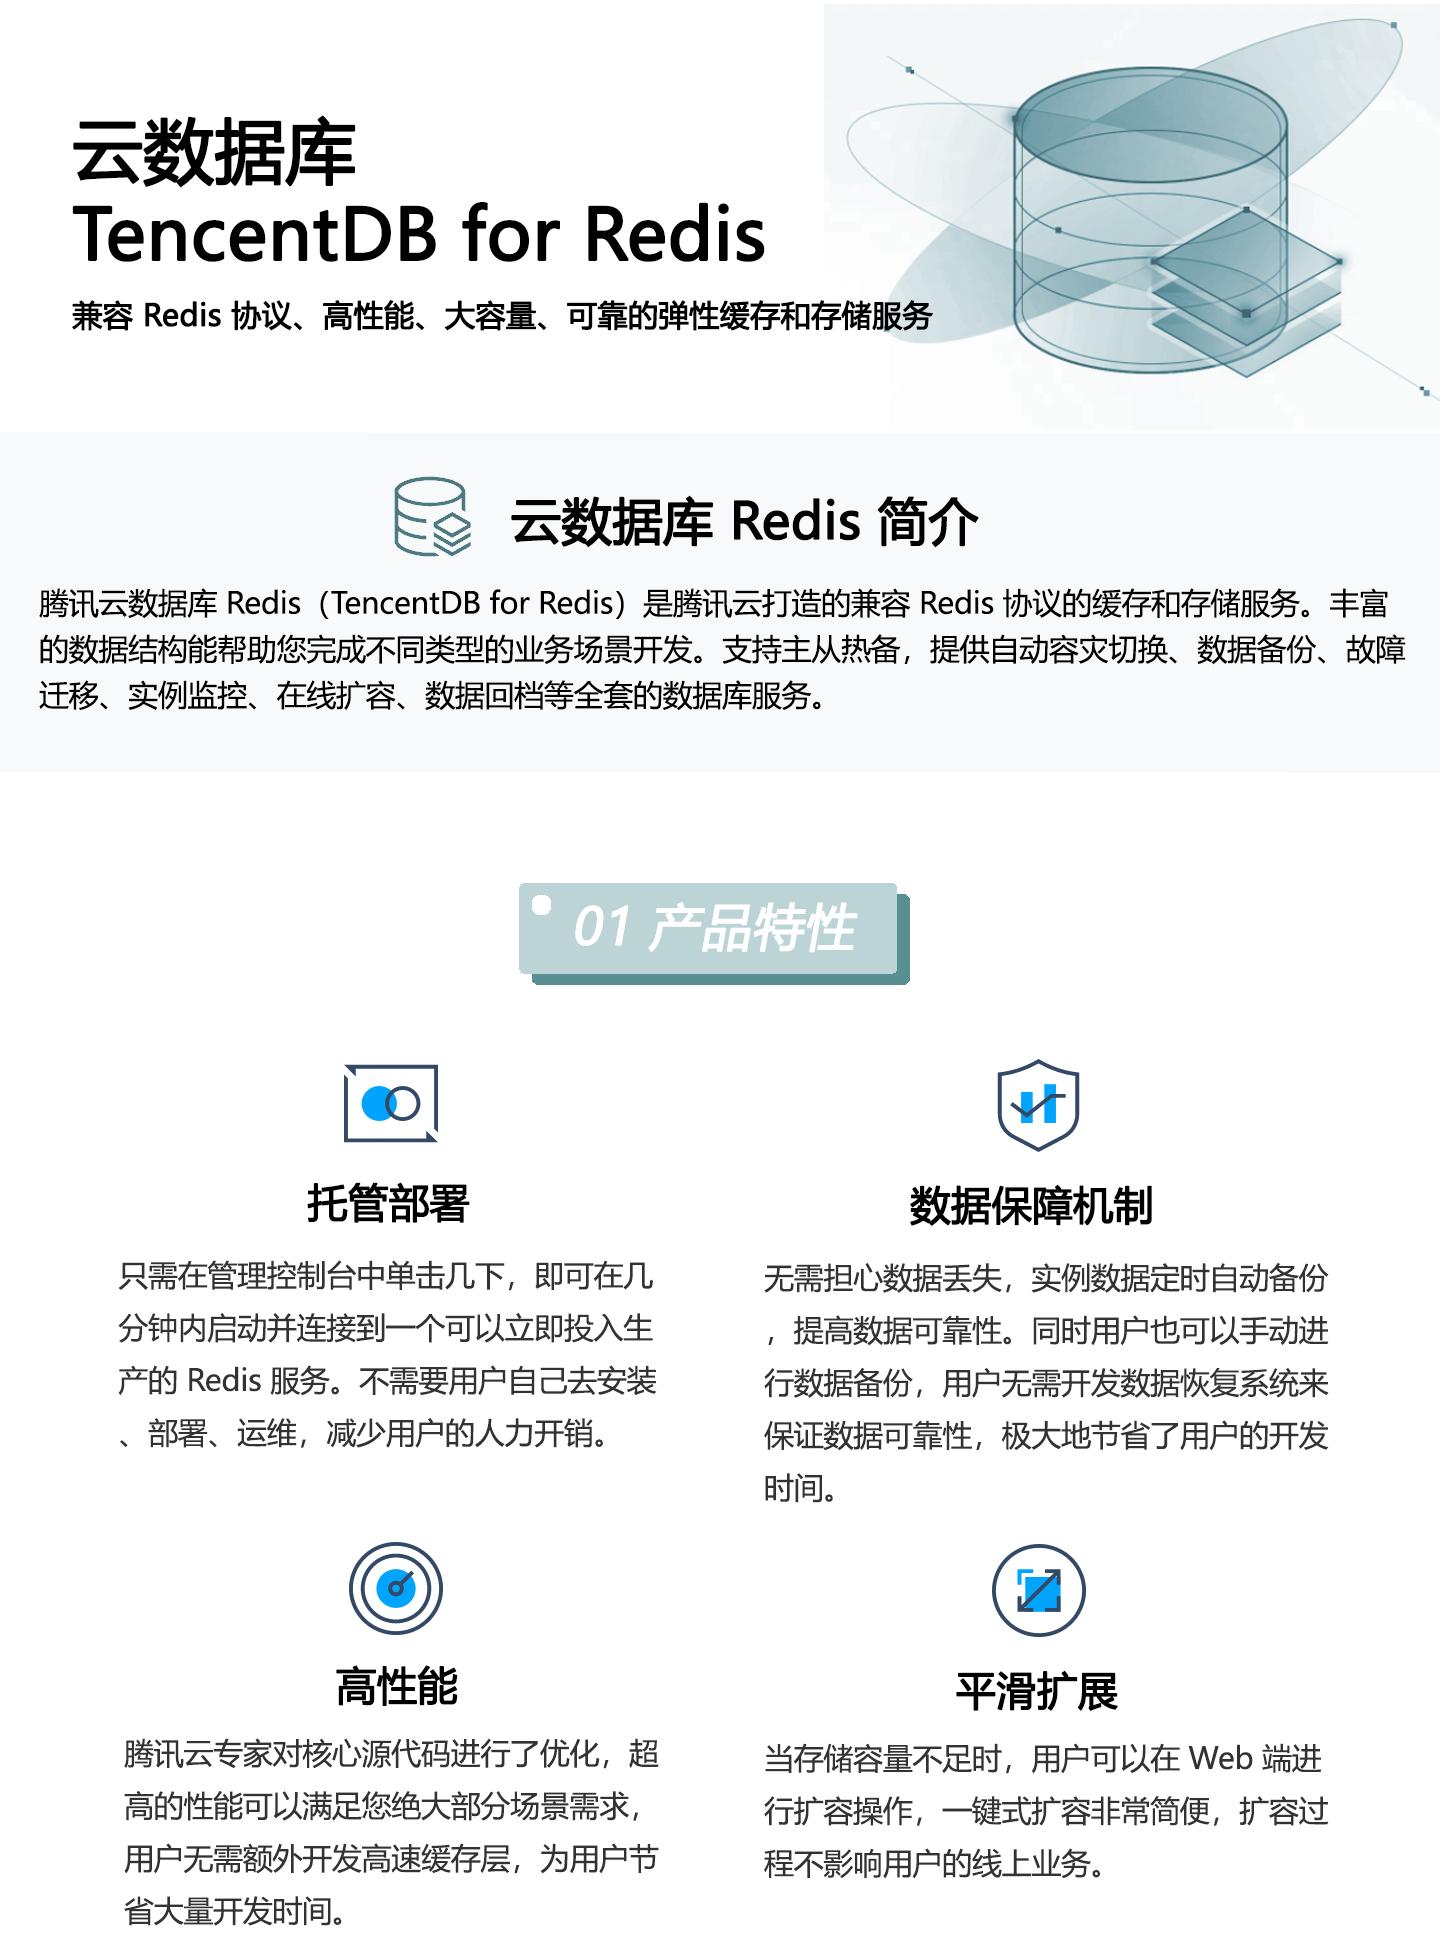 云数据库-TencentDB-for-Redis-1440_01.jpg